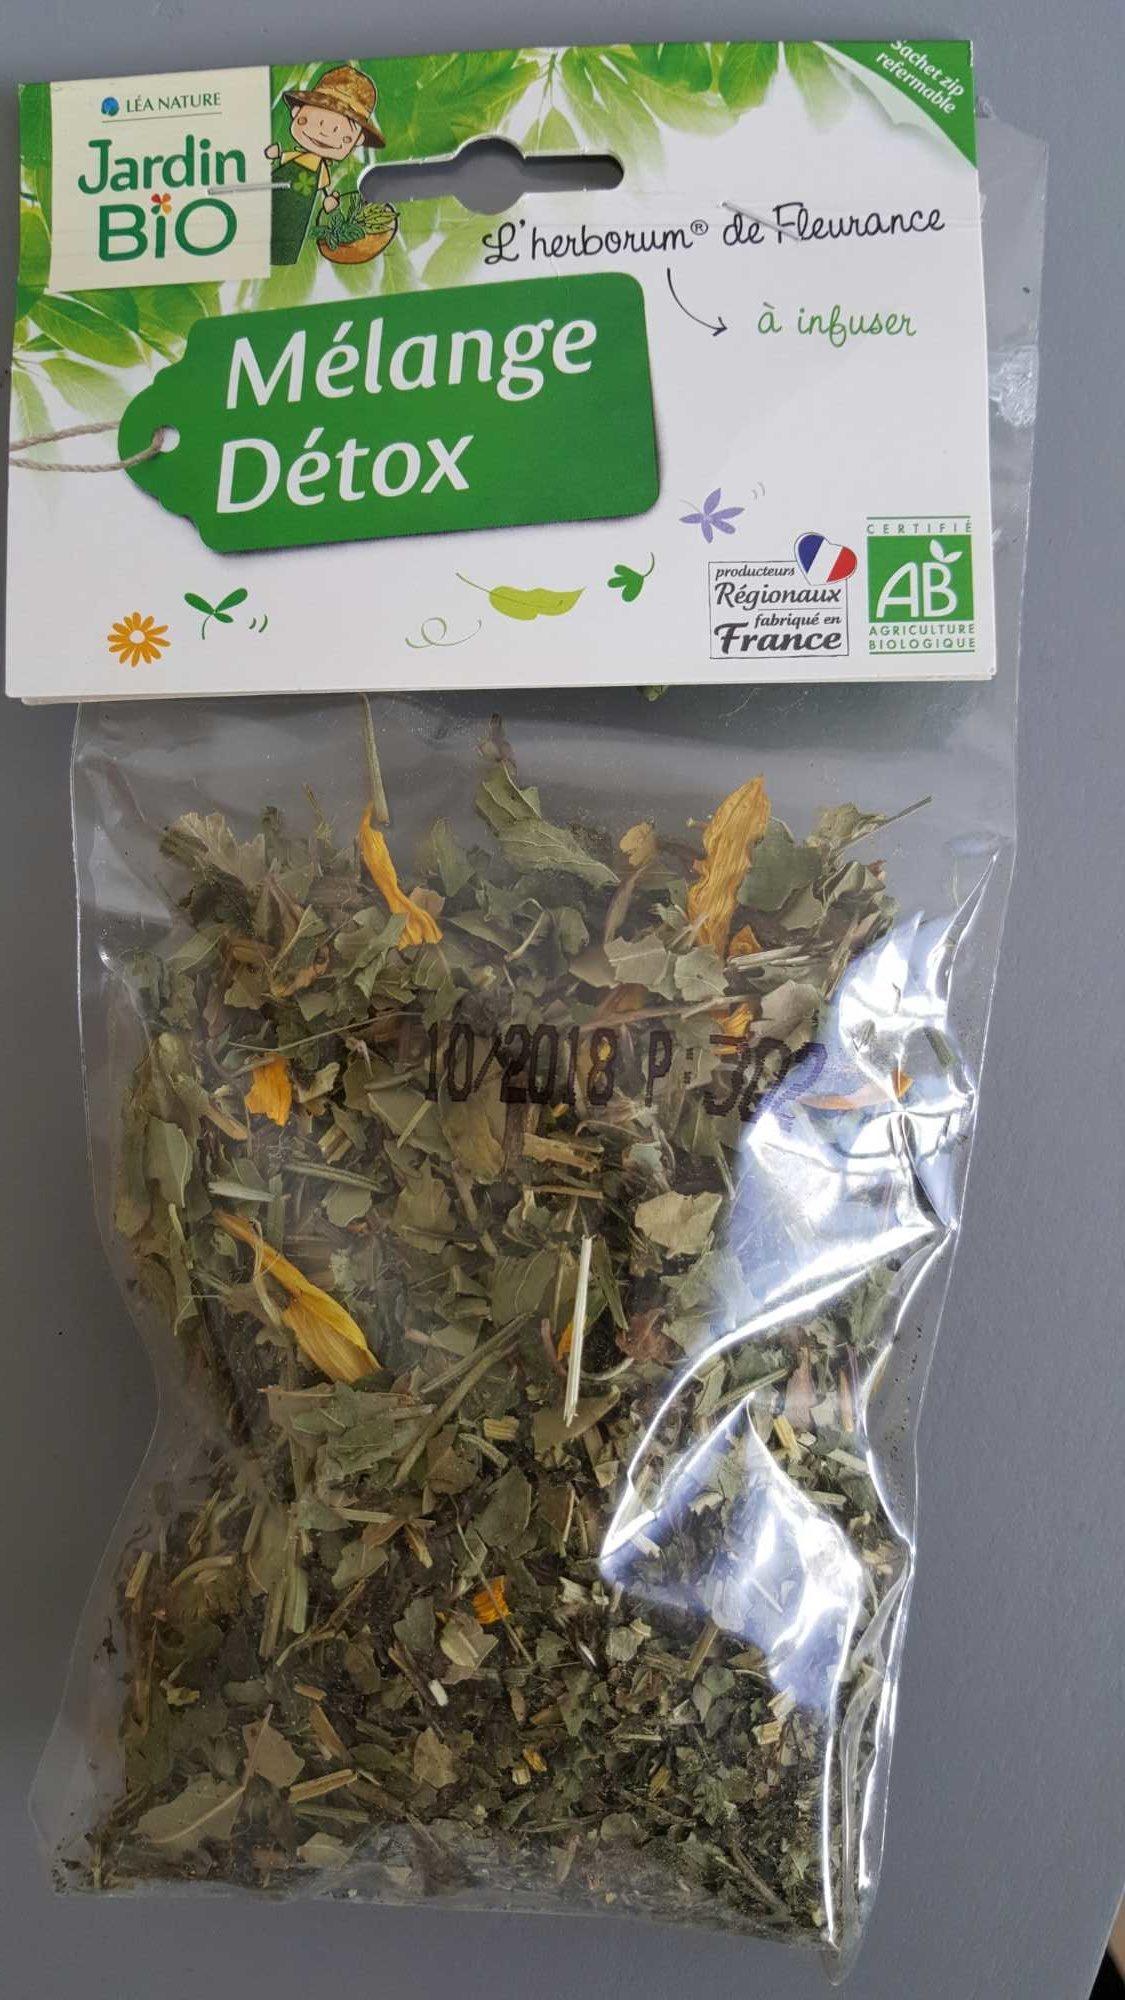 Mélange detox - Product